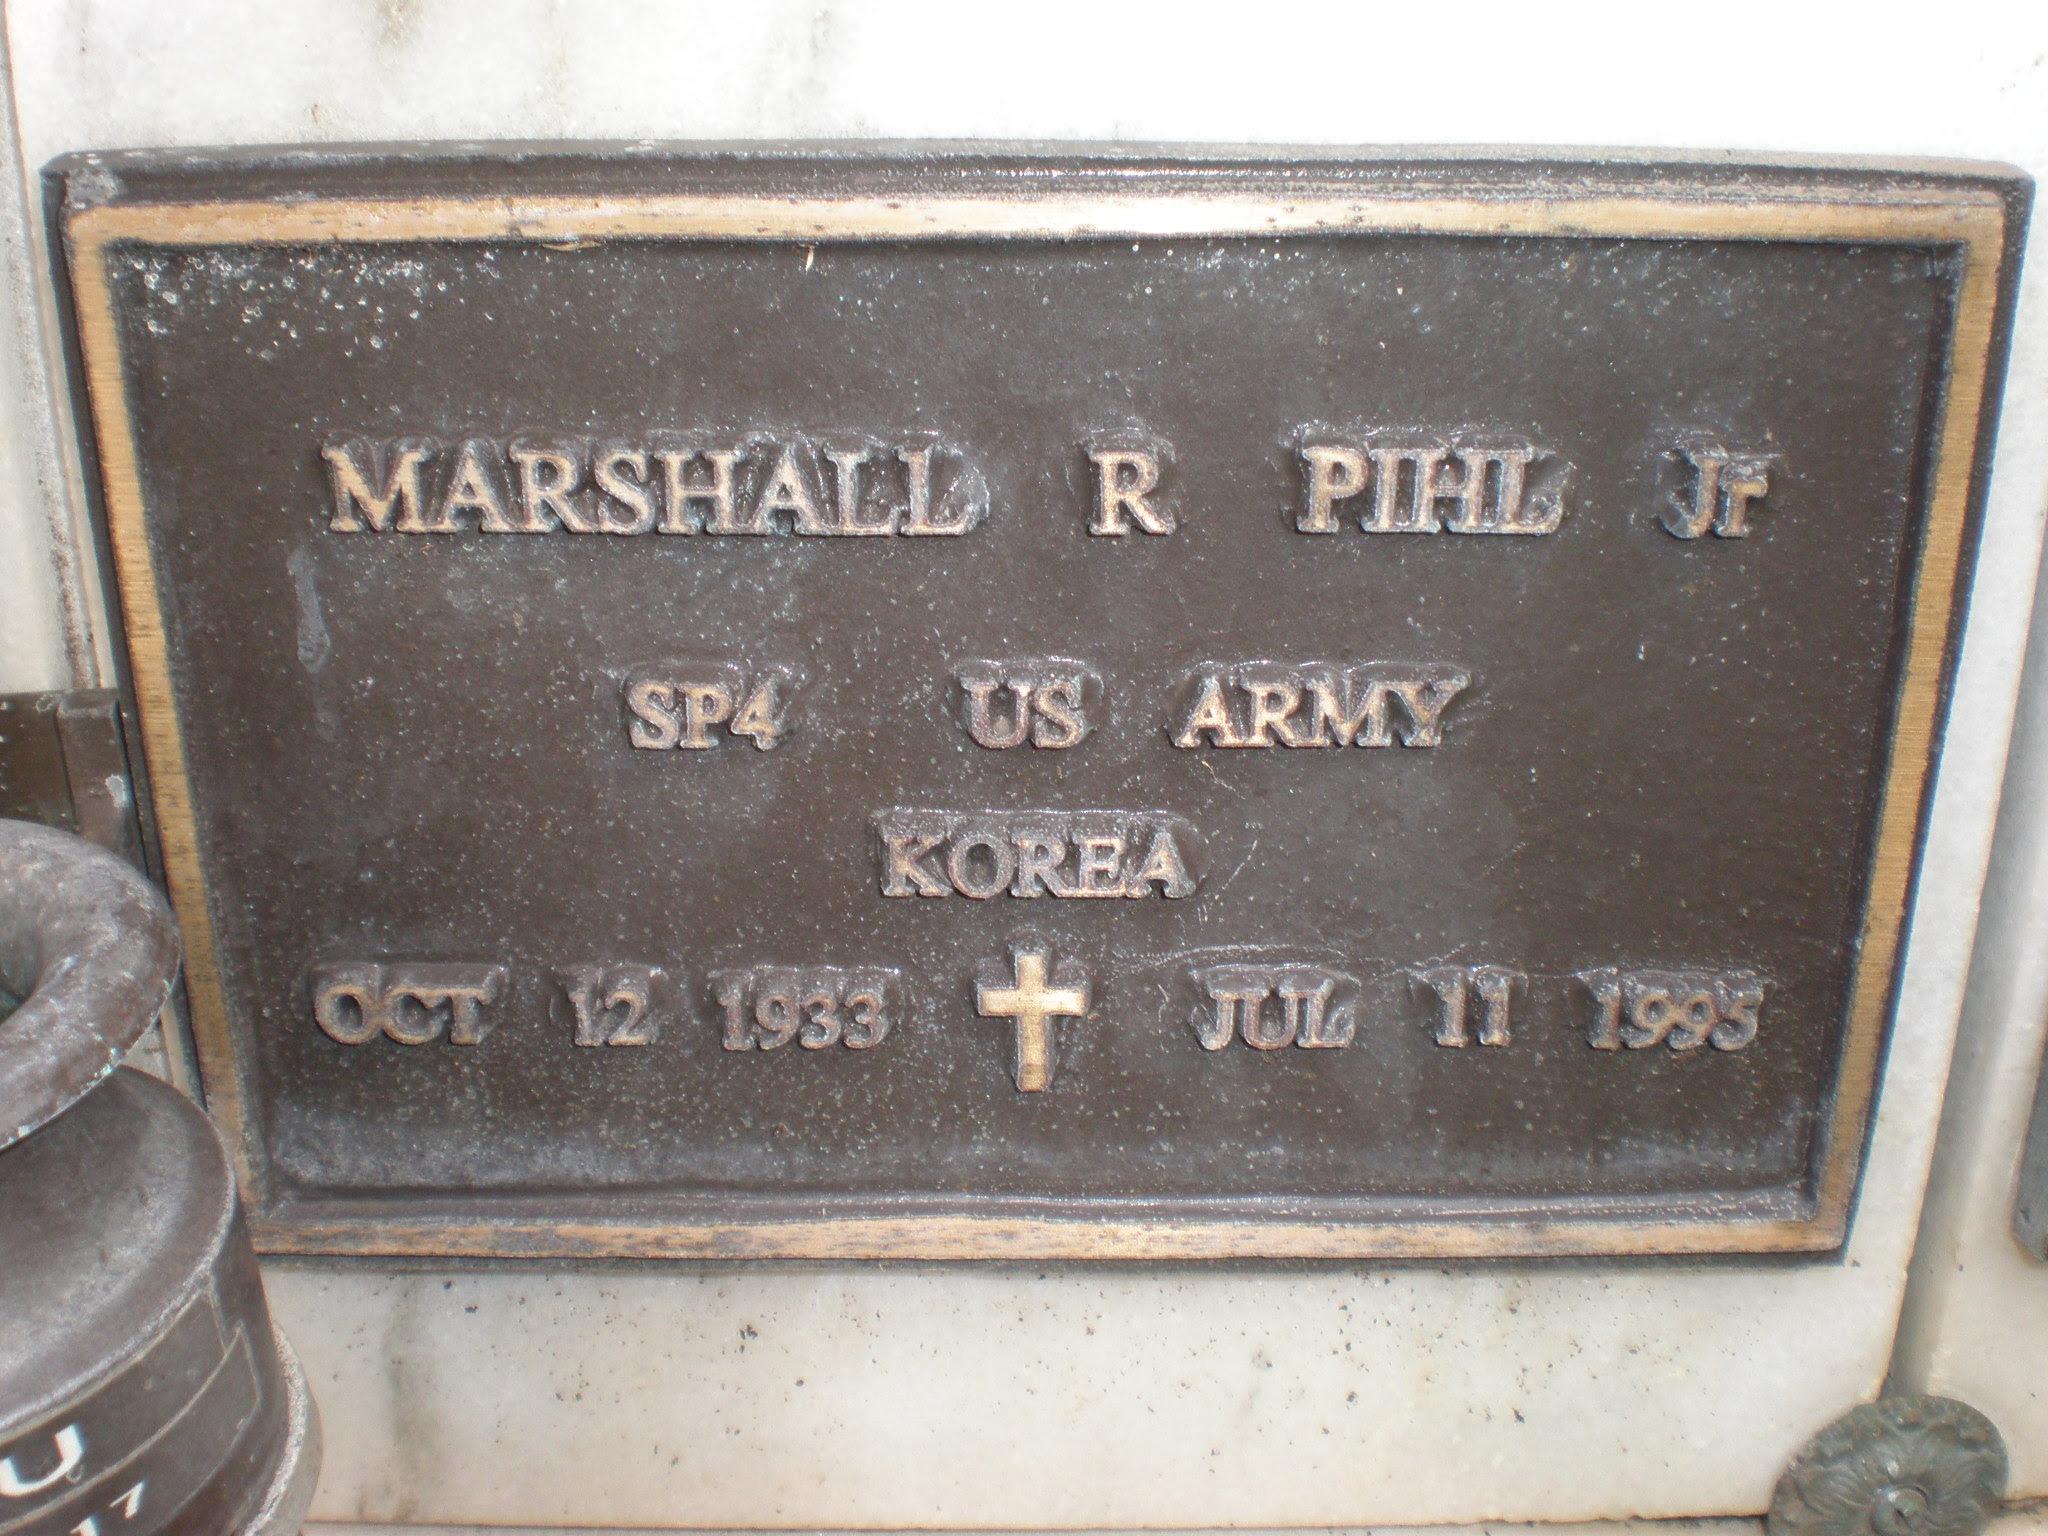 Marshall R. Pihl grave marker